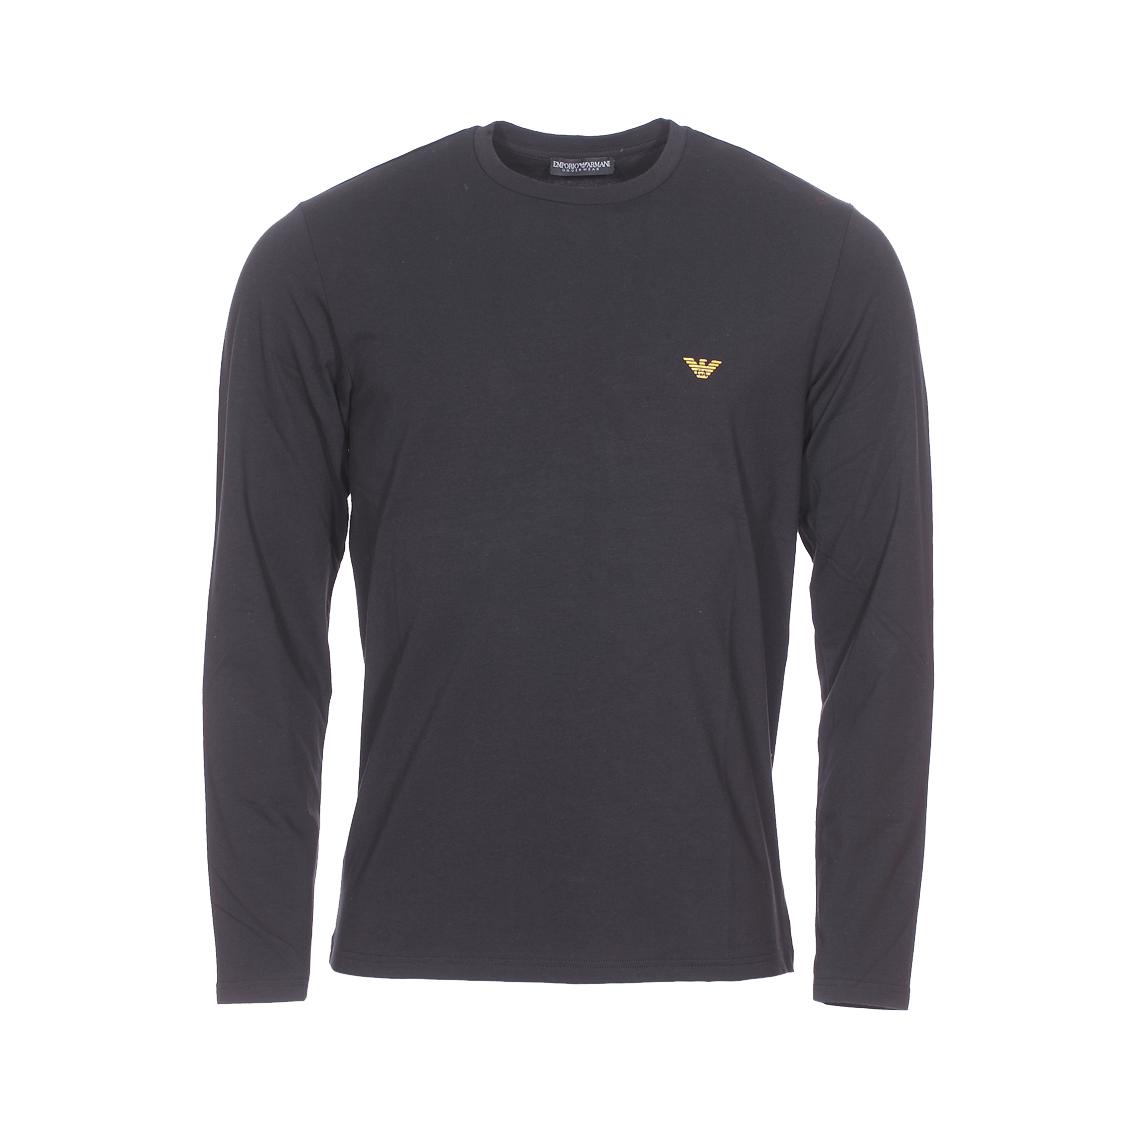 Tee-shirt manches longues col rond  en coton stretch noir floqué sur la poitrine et au dos